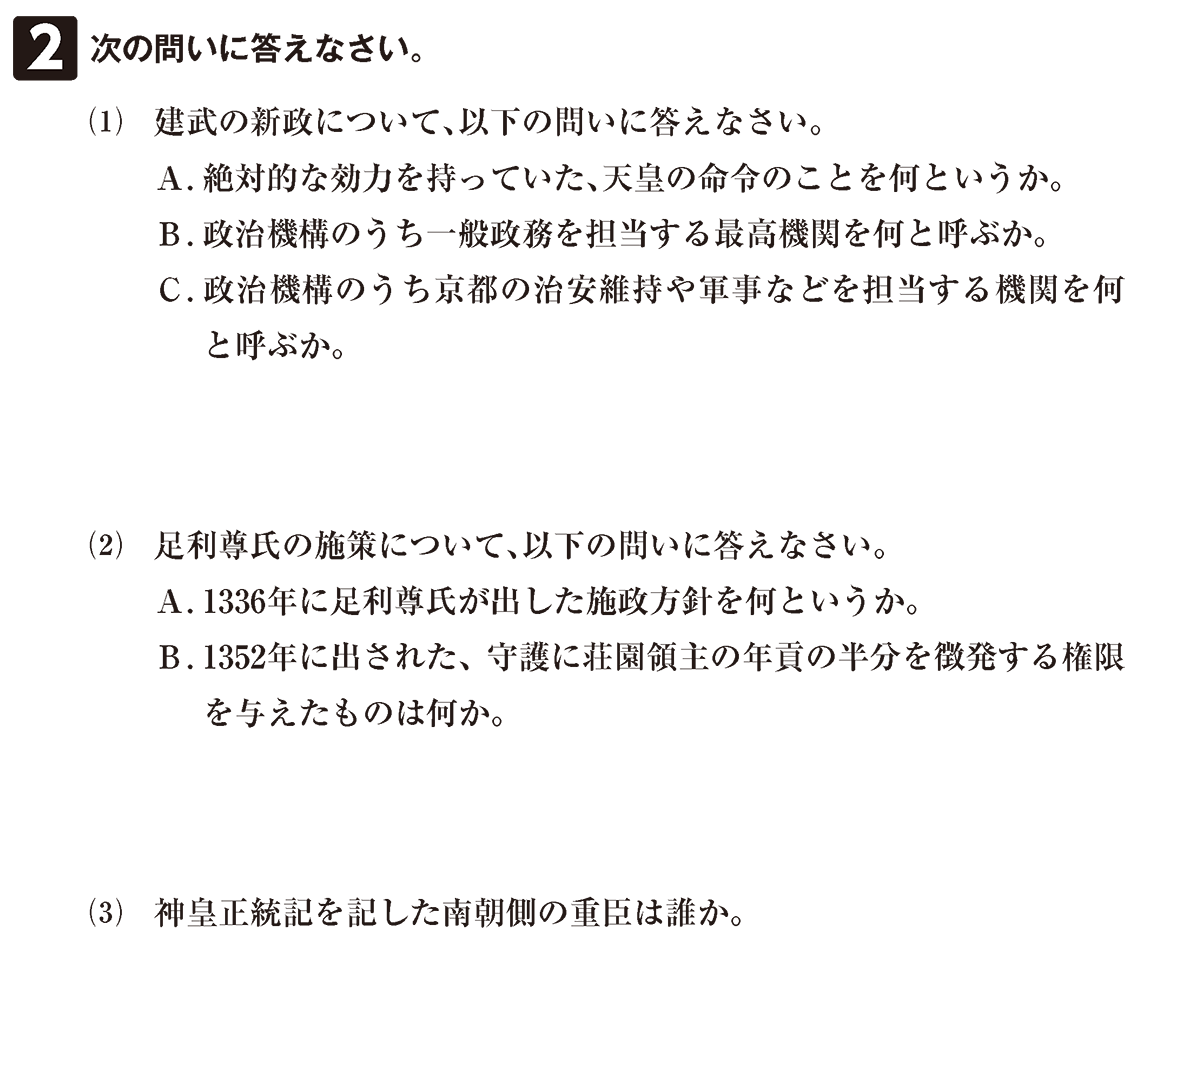 中世24 問題2 問題